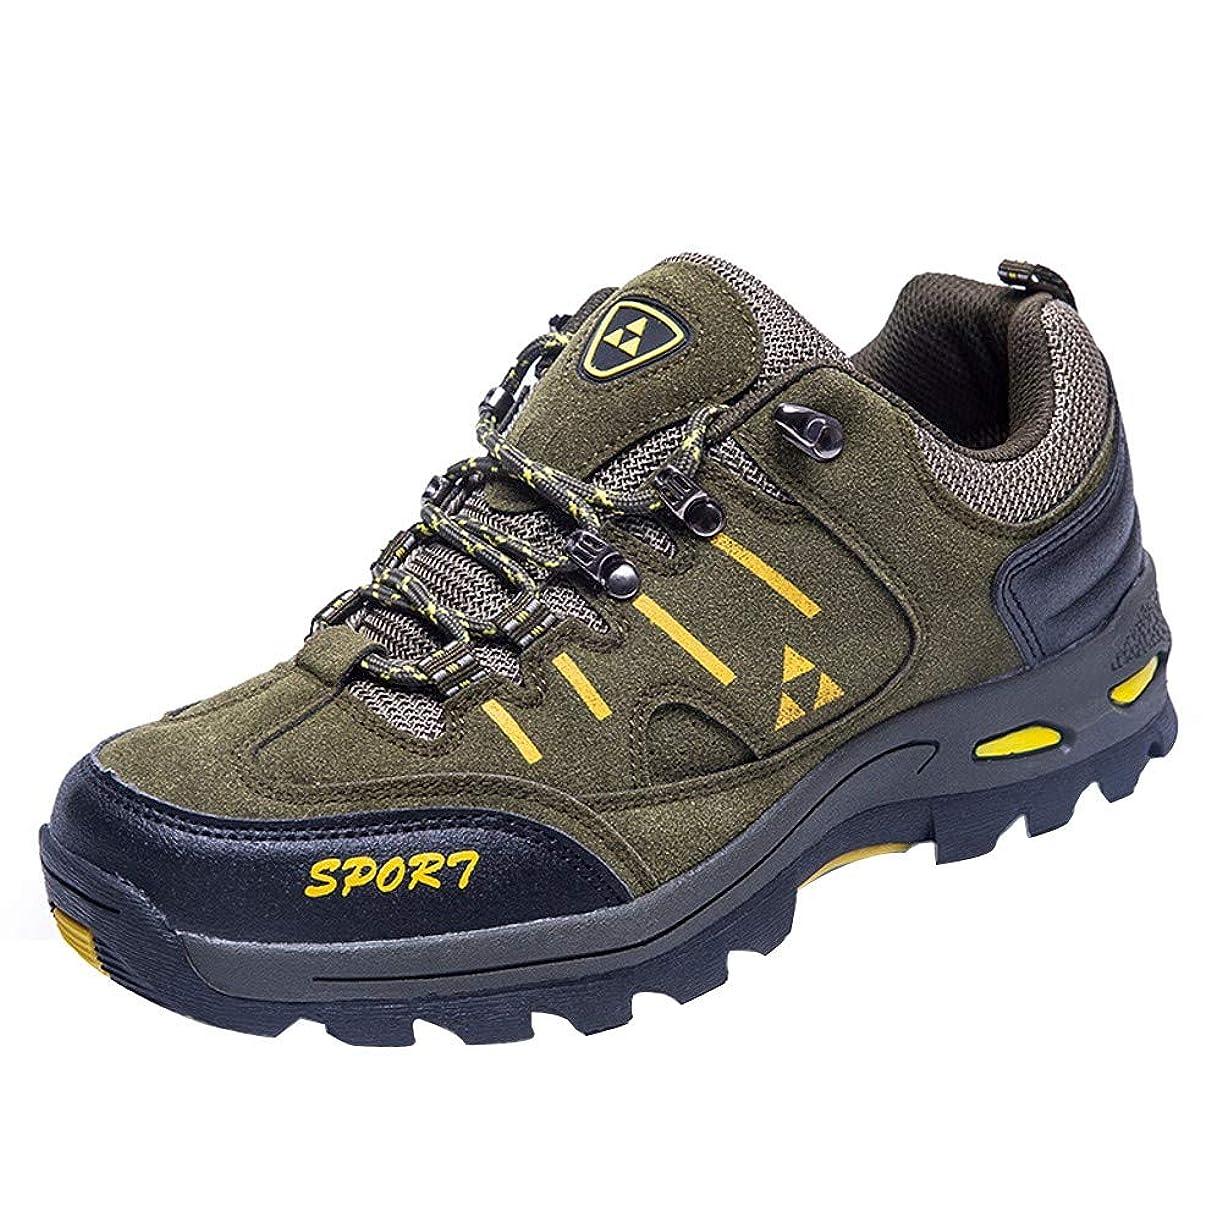 おかしい外部力強い[シャオメイスター] 令和新品 ハイキングシューズ 男女兼用 アウトドア カジュアル レースアップ 快適 ランニング 登山靴